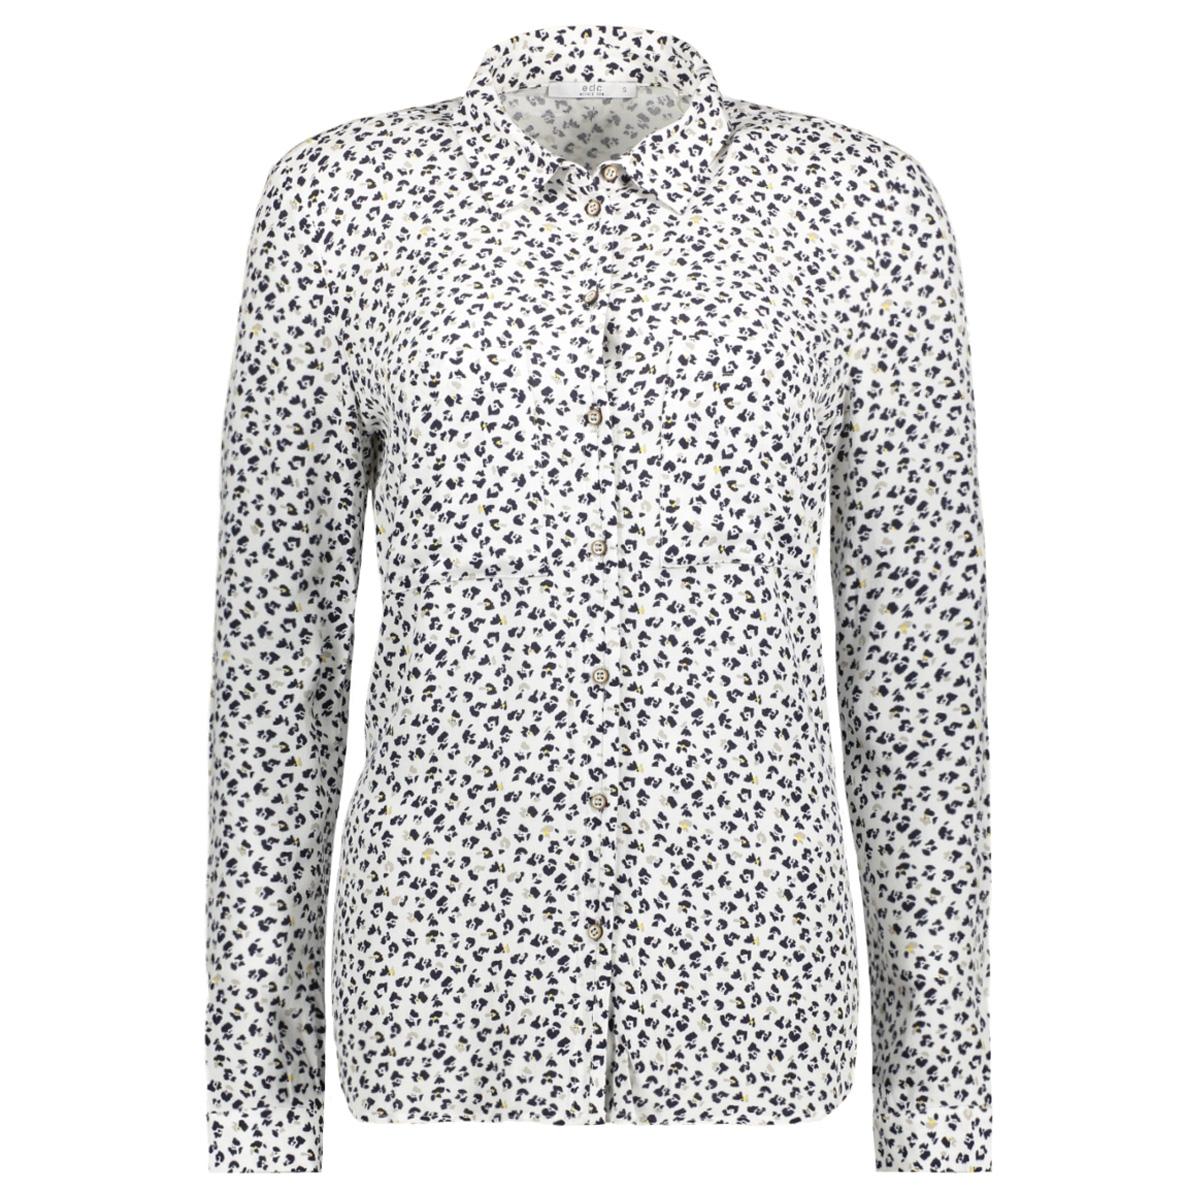 097cc1f015 edc blouse c110